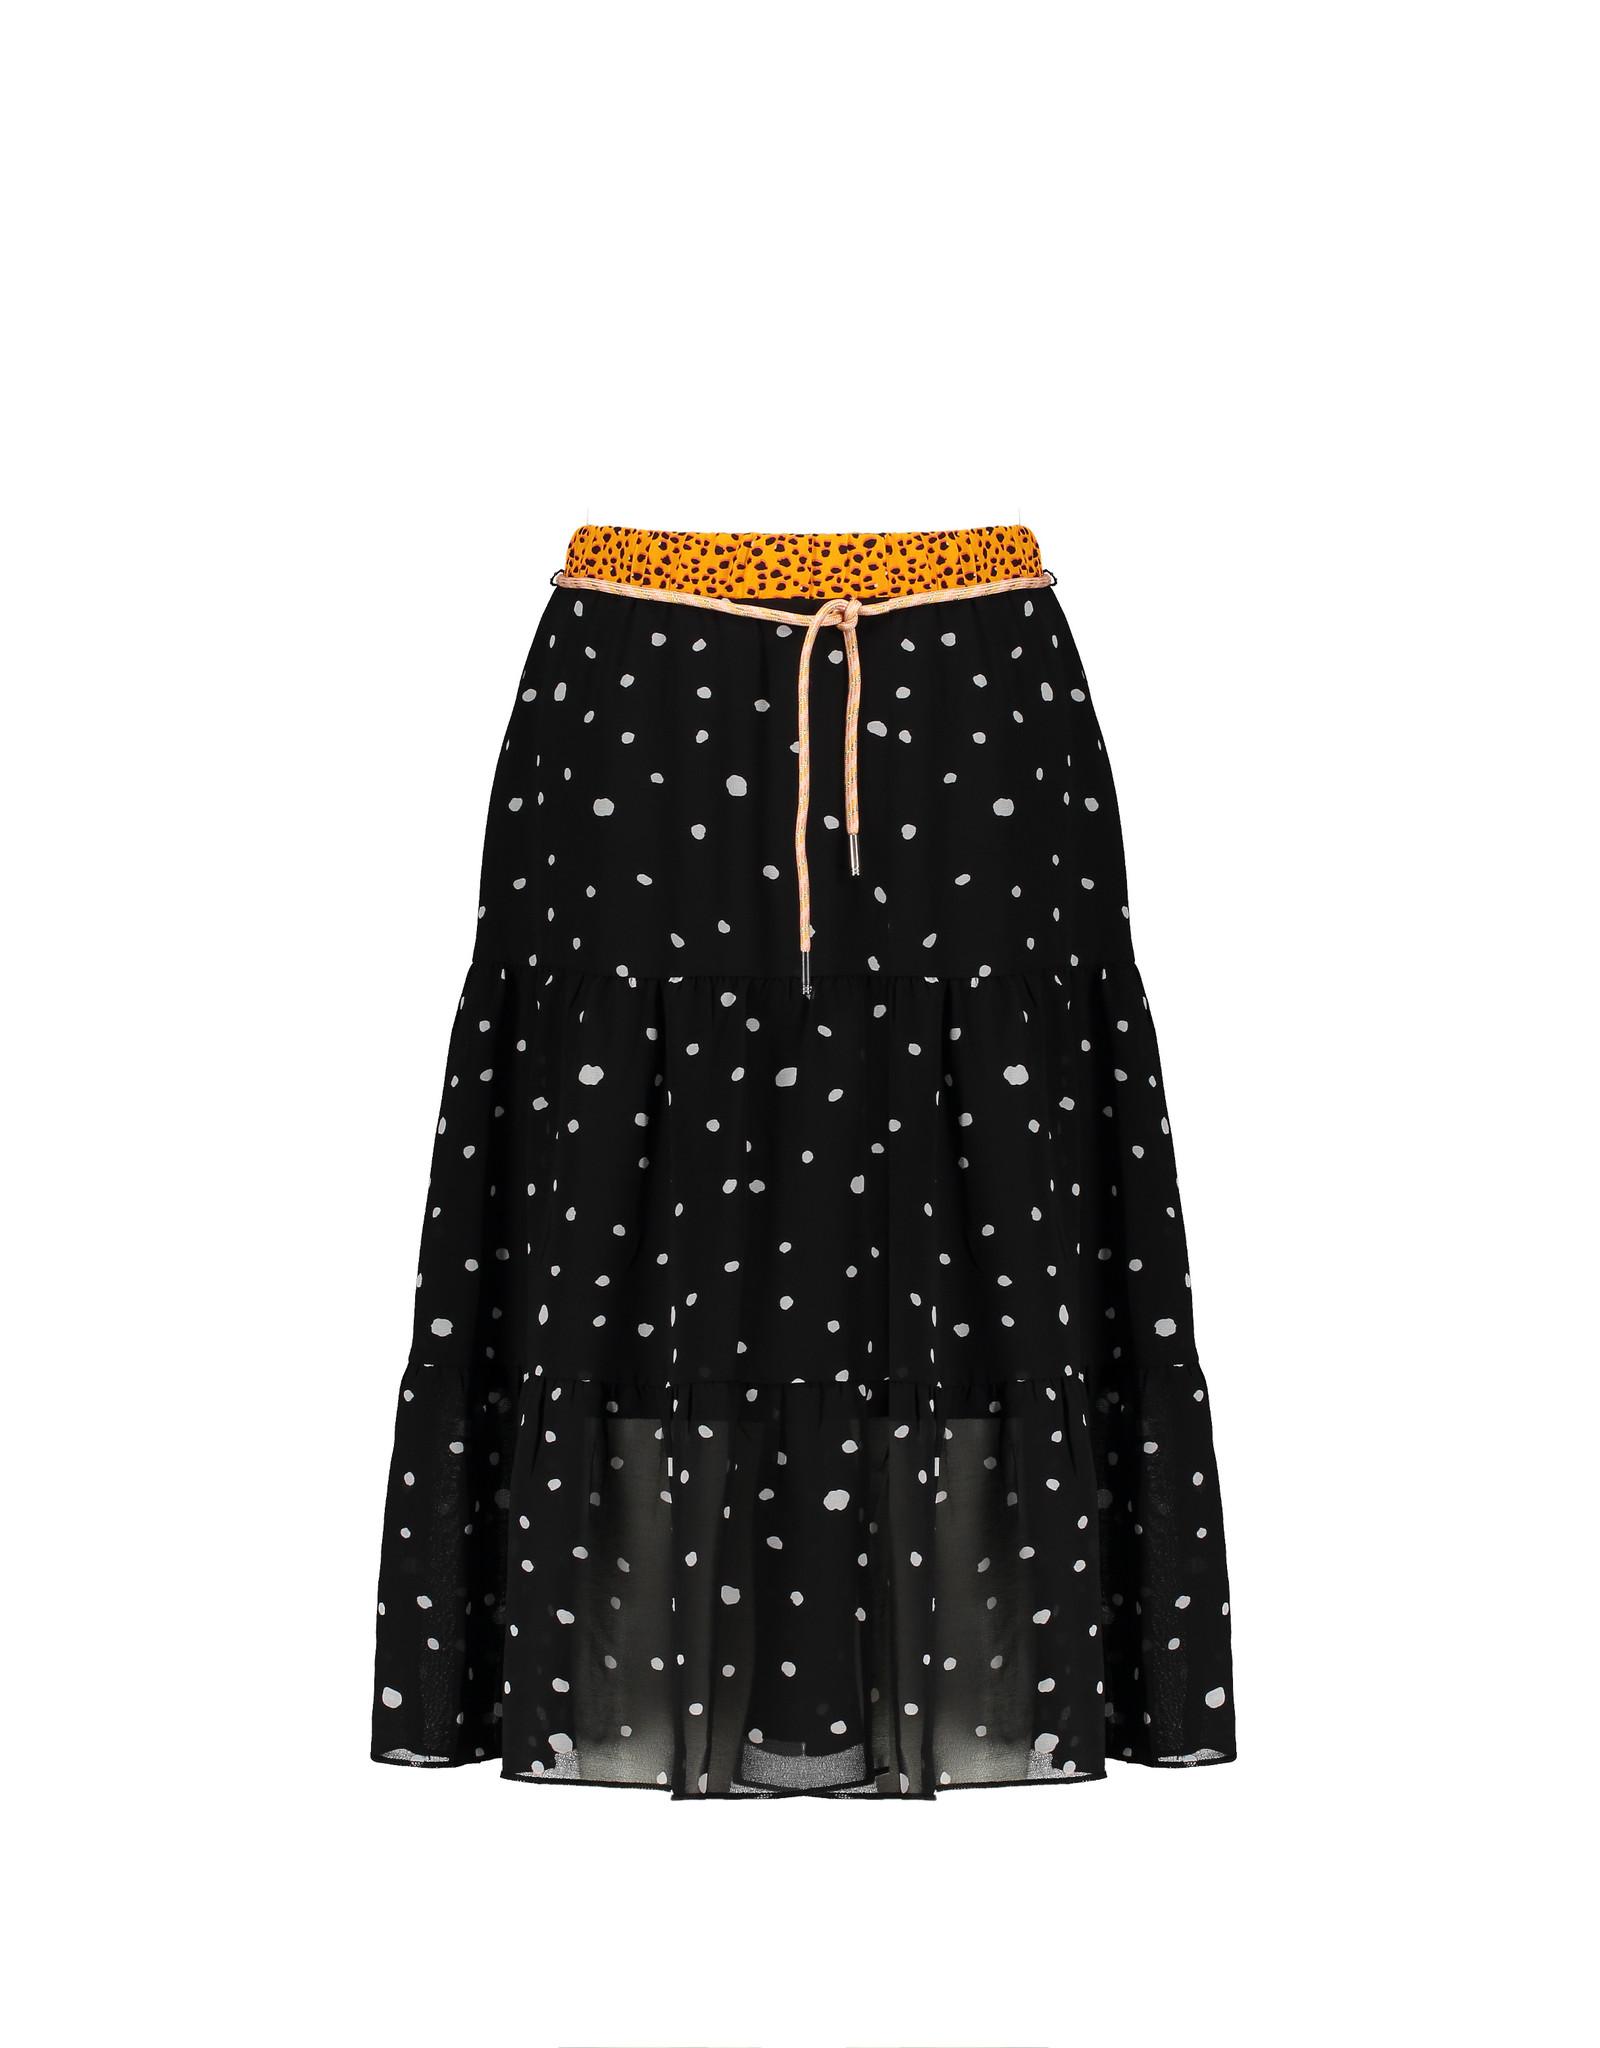 Nono NaelB maxi skirt